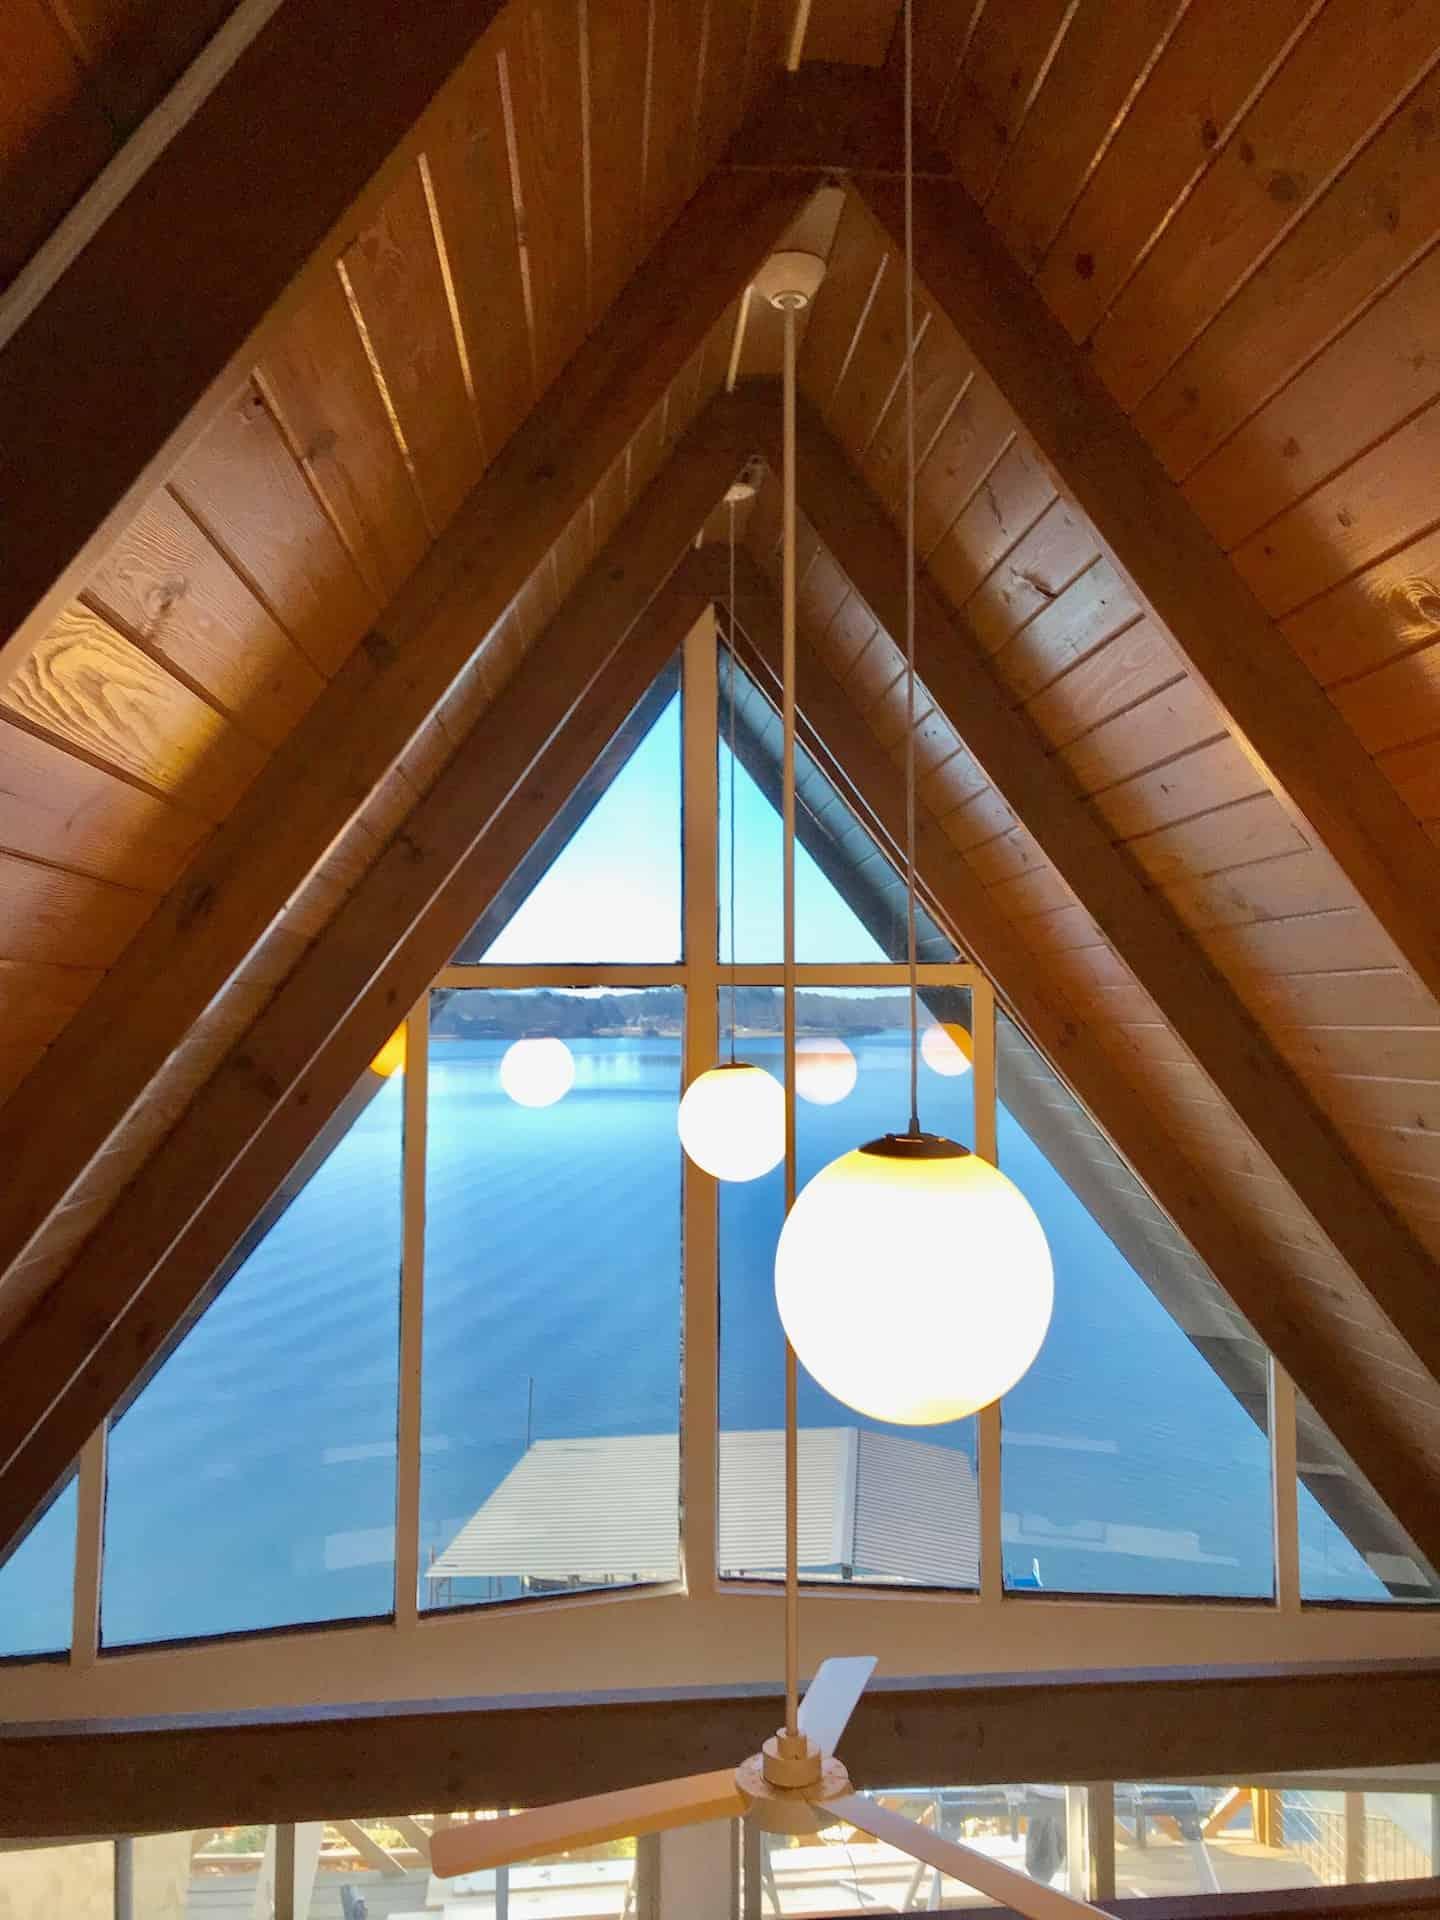 Image of Airbnb rental in Hot Springs, Arkansas